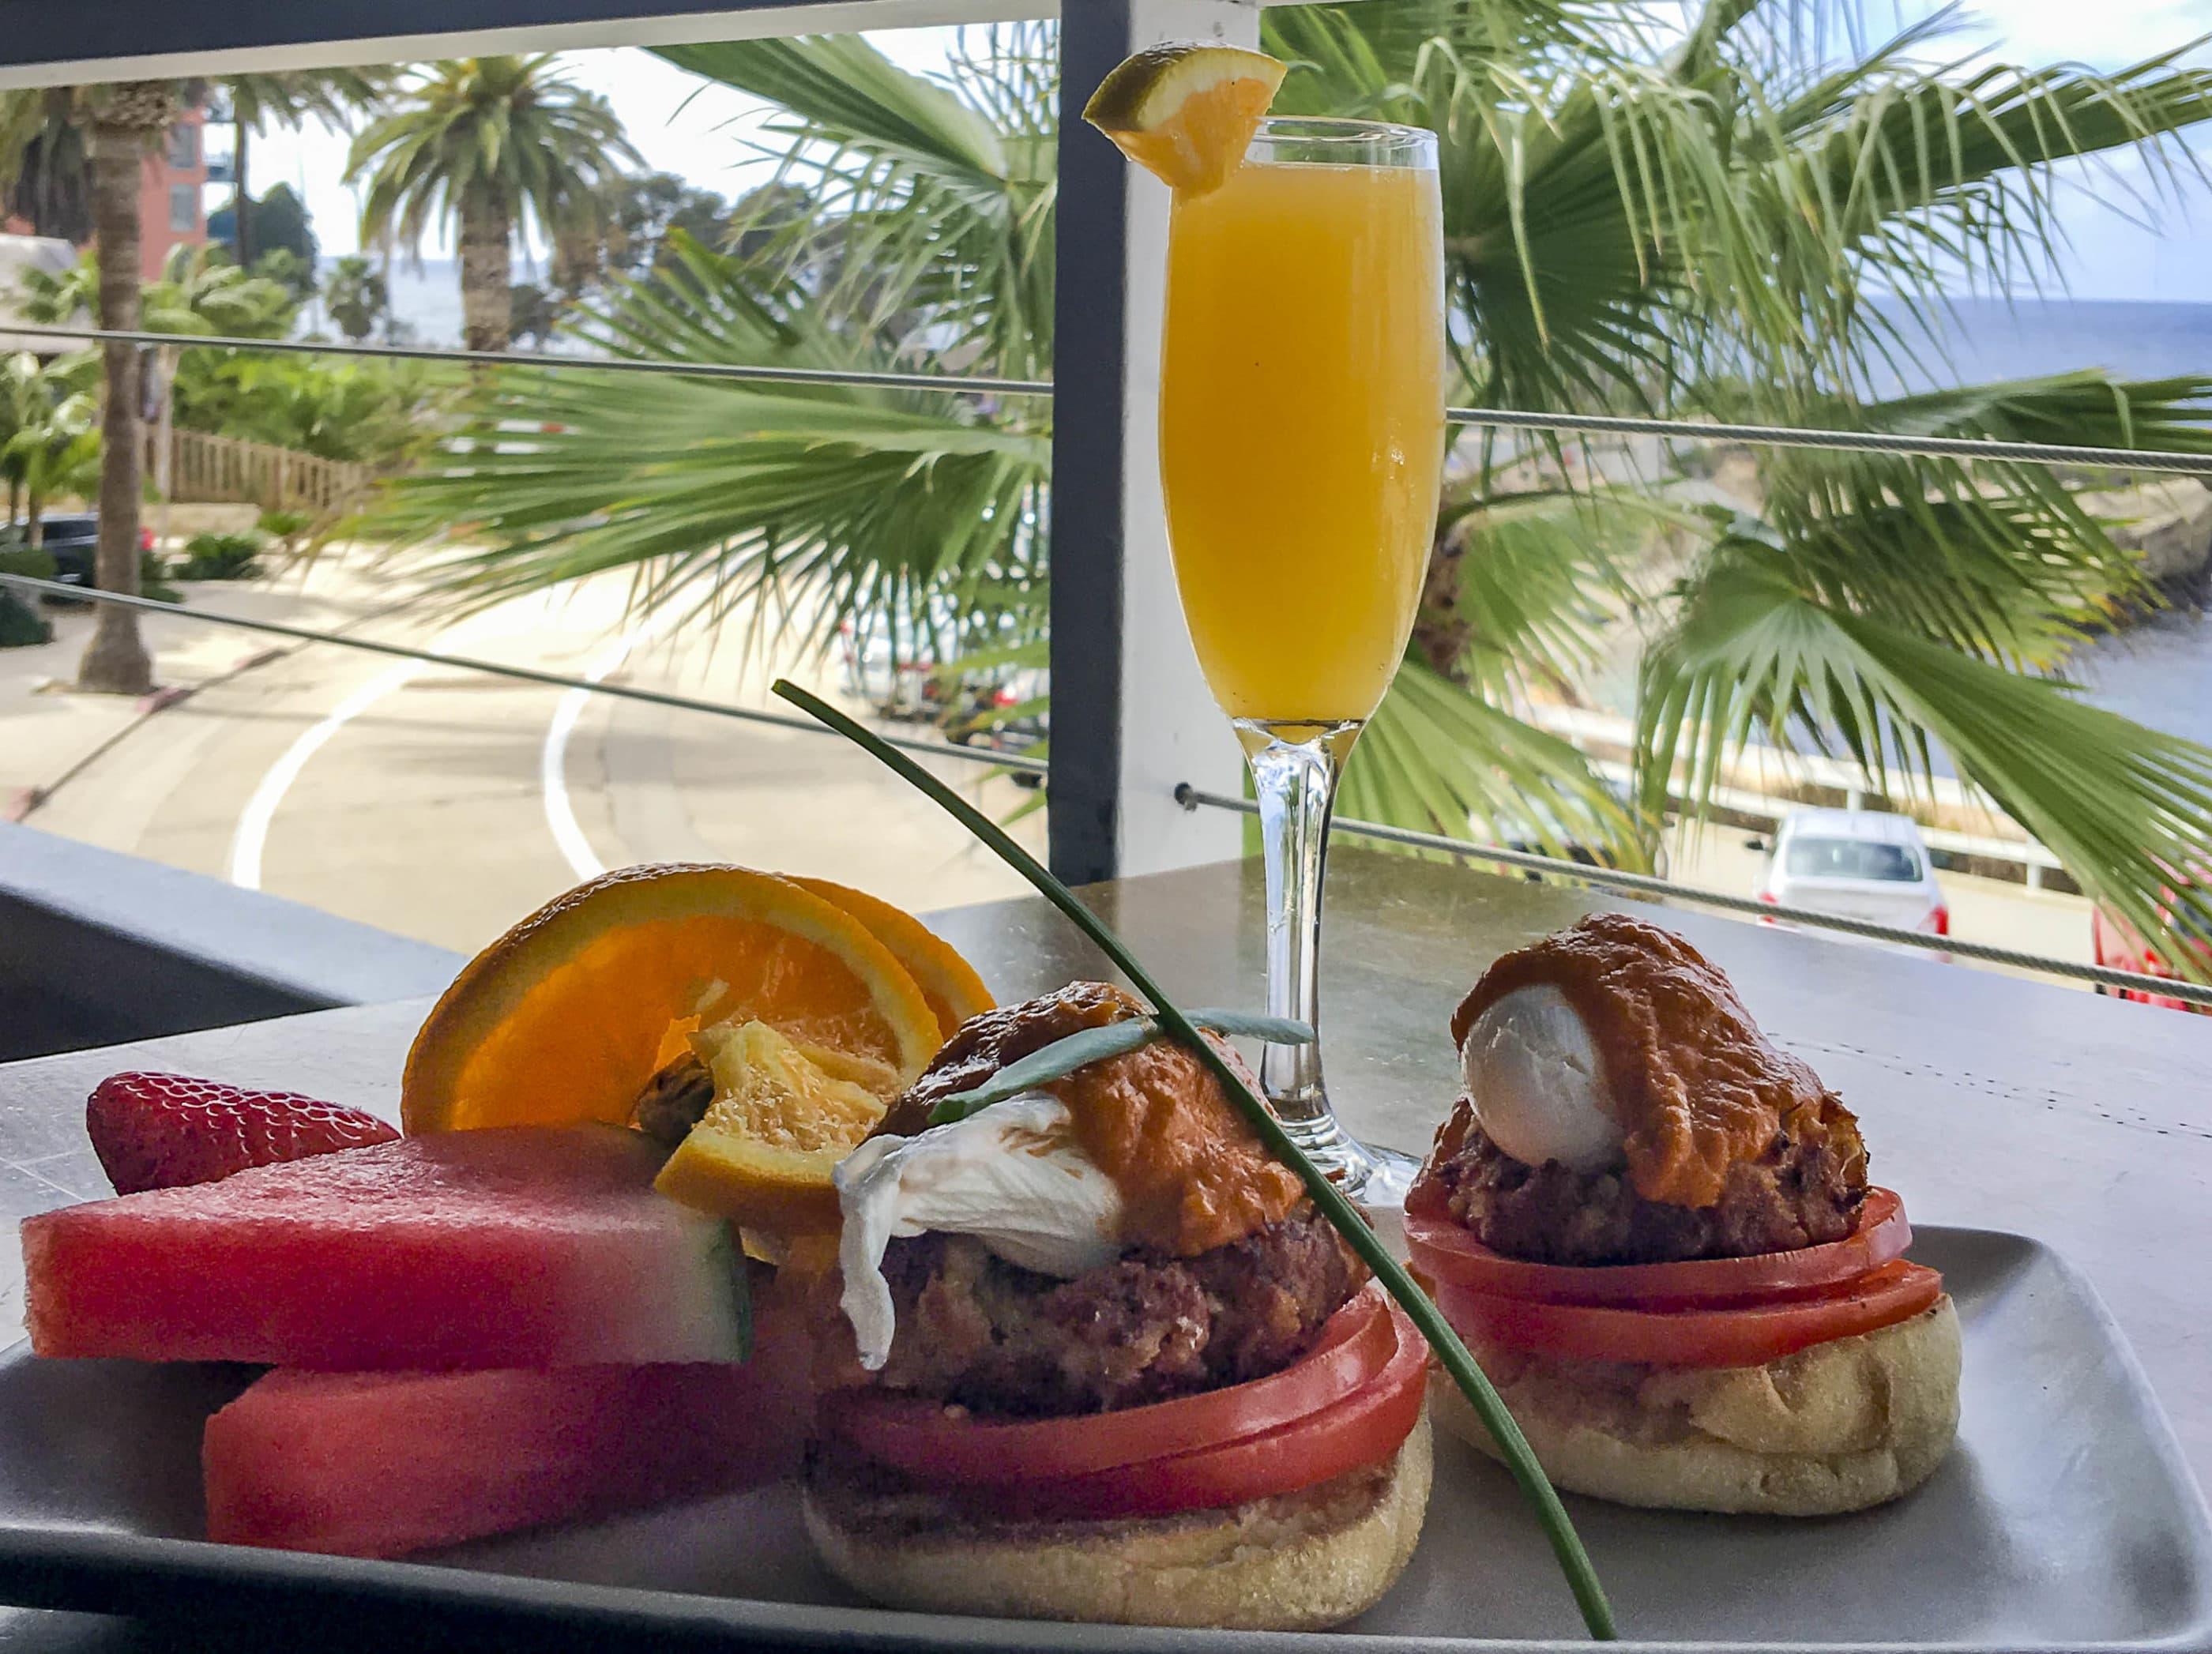 The Crab Ipanema Benedict and mimosa at Brockton Villa, a popular La Jolla breakfast restaurant.